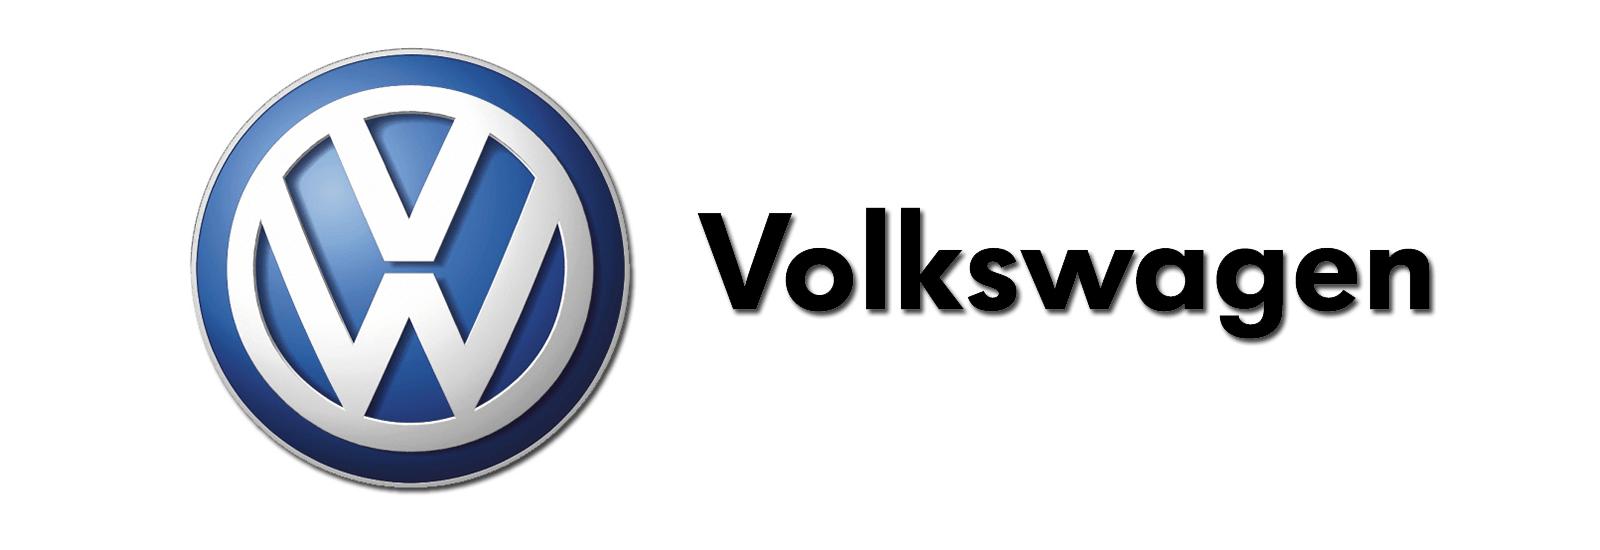 Marcas de coches volkswagen-logo